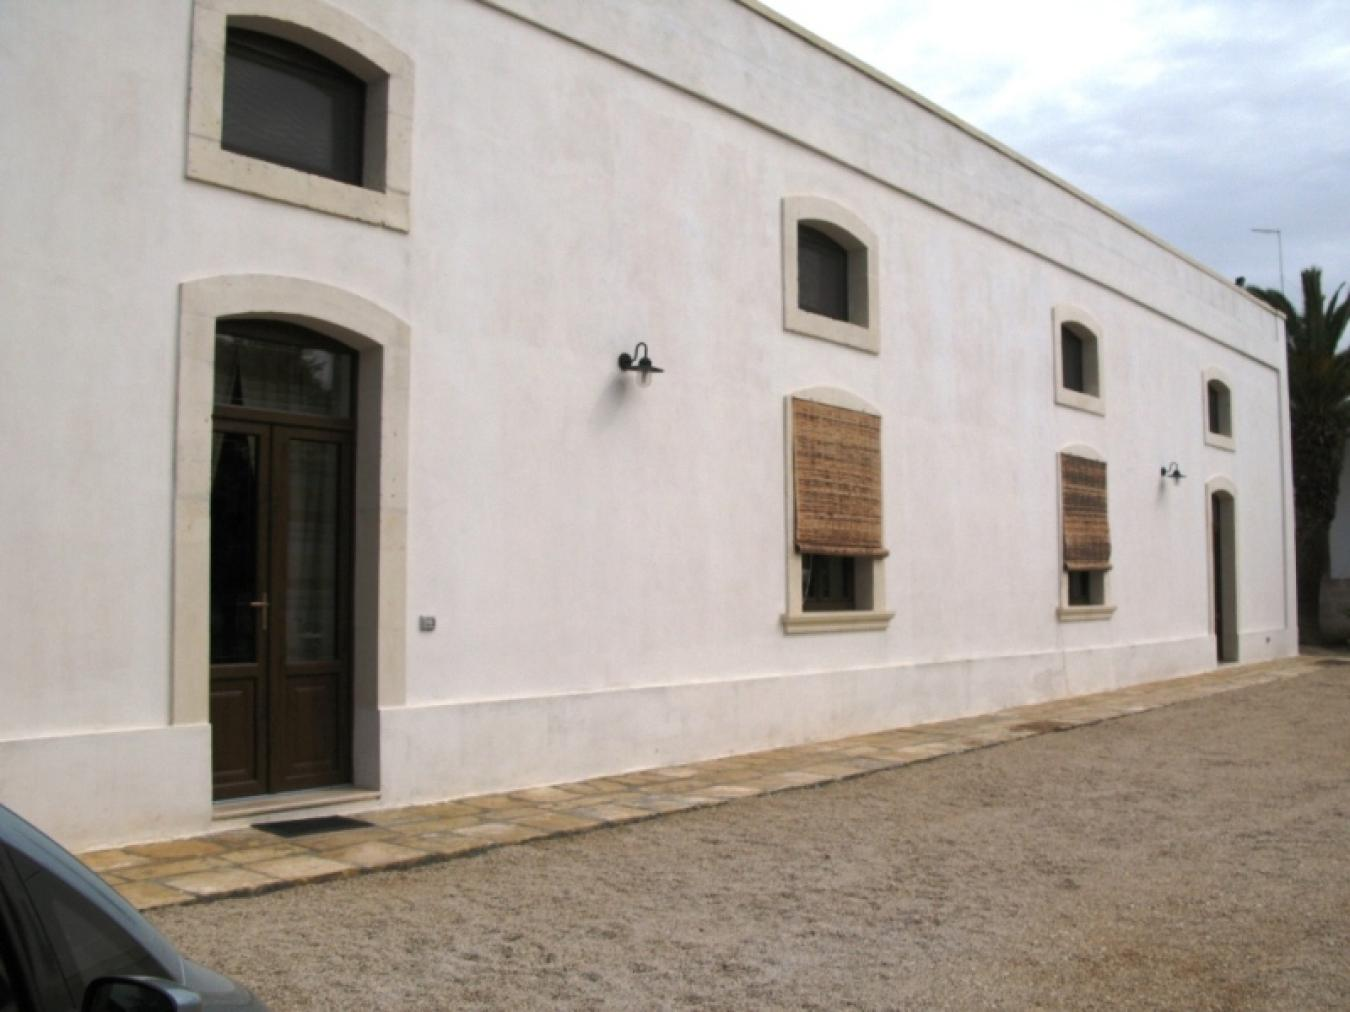 ville e villette - Copertino ( Porto Cesareo ) - Tenuta Federica